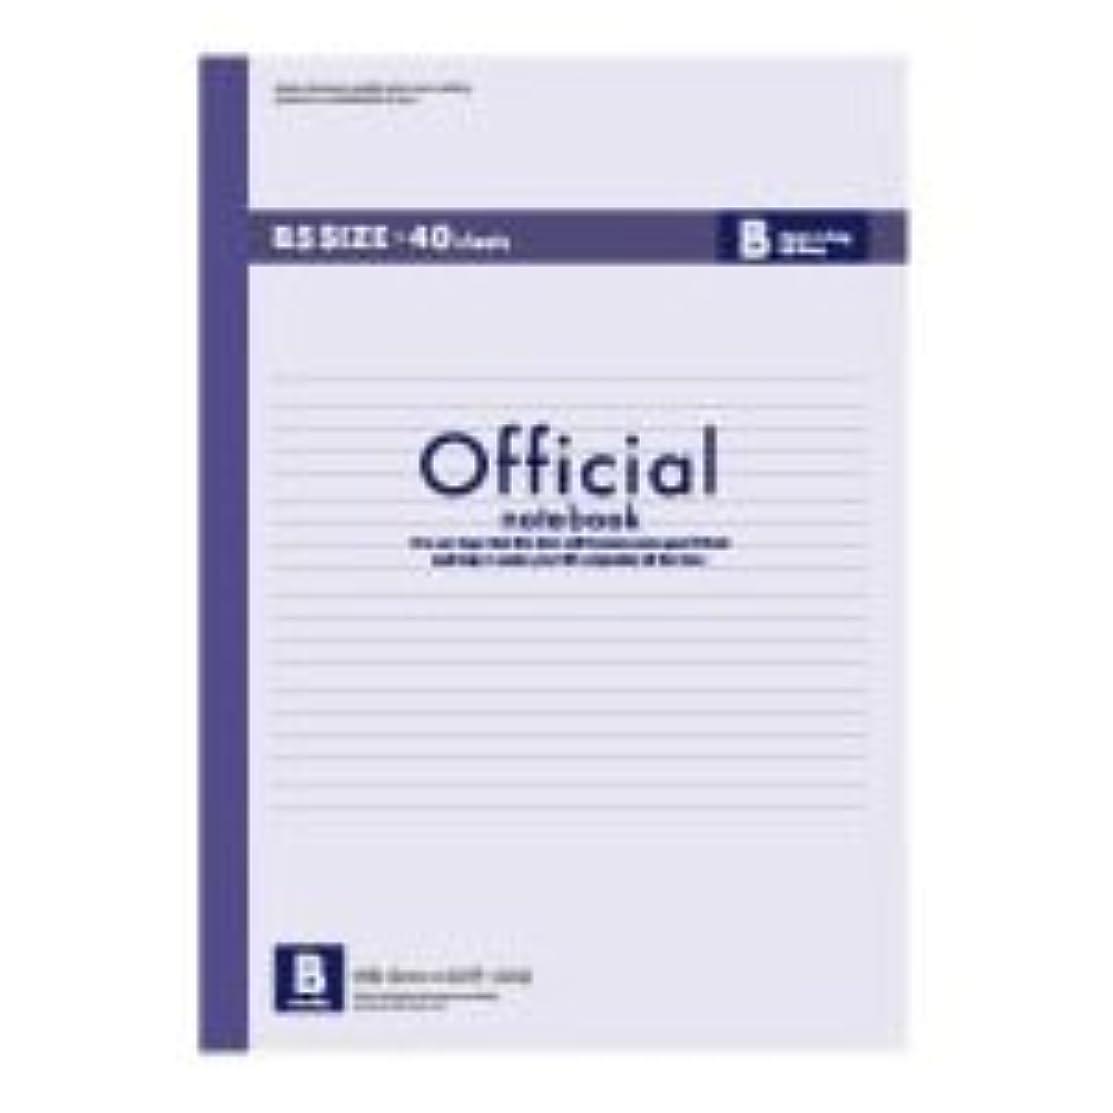 ベイビー冊子依存アピカ オフィシャルノート40枚 B罫 6B4F 00069260 【まとめ買い10冊セット】